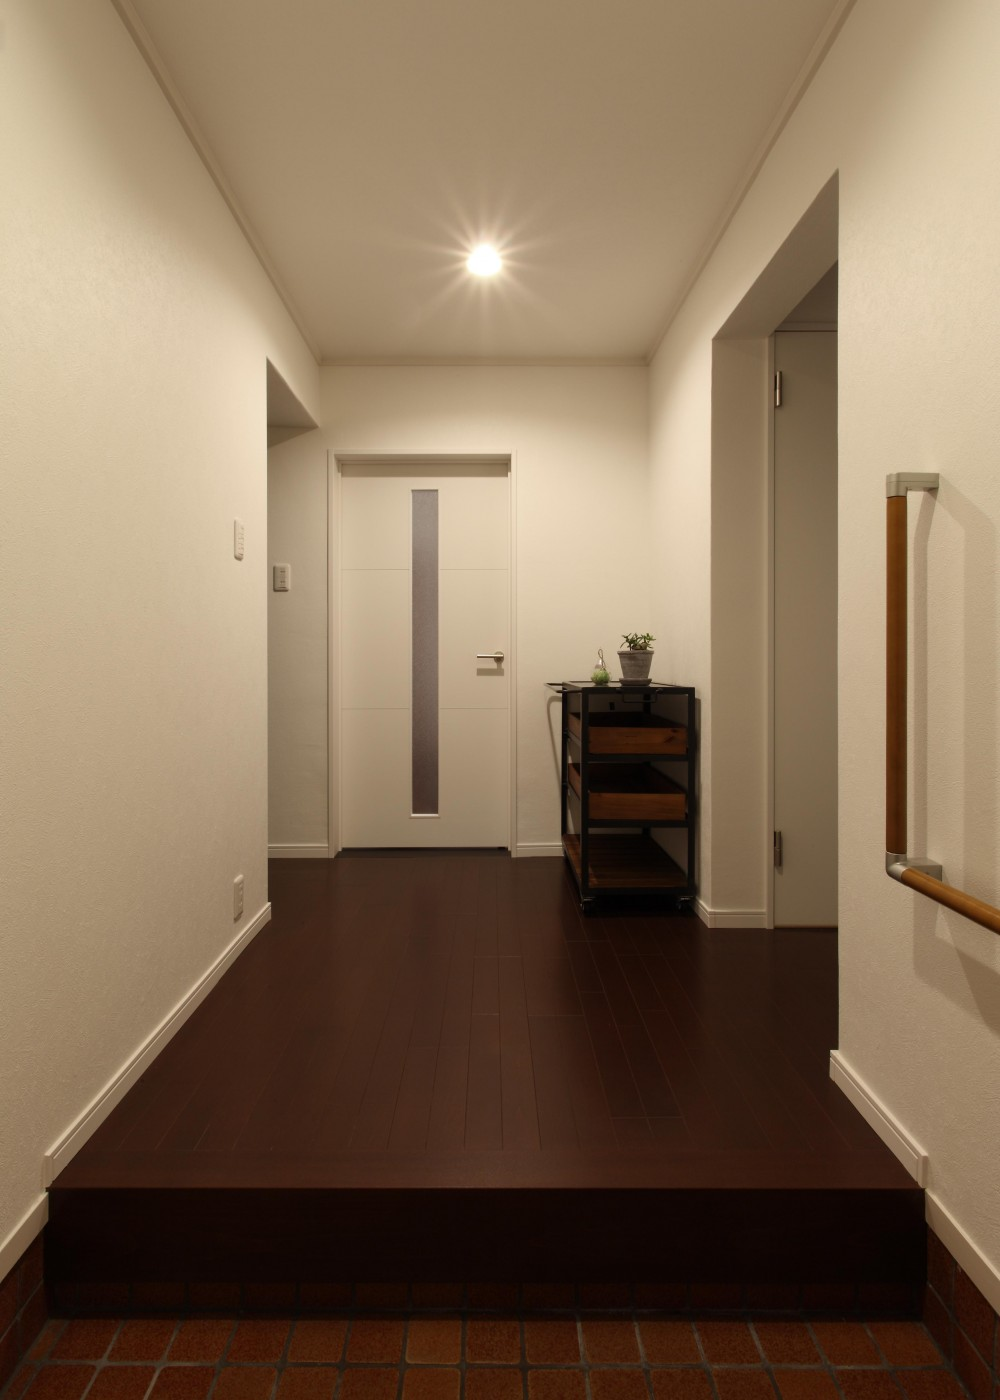 間取りを変えずに、内装・設備を一新 (廊下)